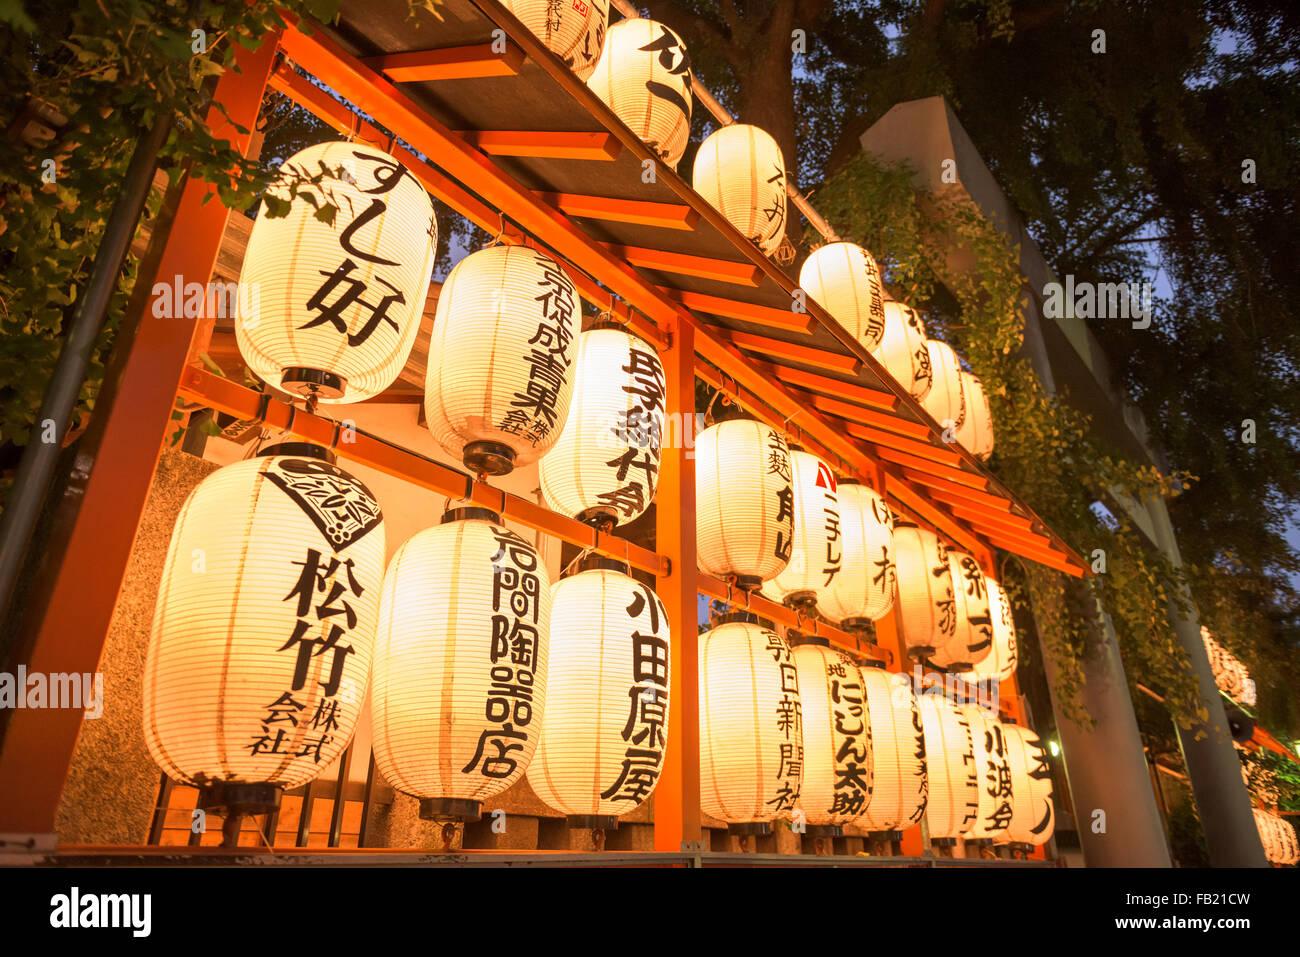 Namiyoko lanternes Inari près de marché aux poissons de Tsukiji à Tokyo, Japon. Photo Stock